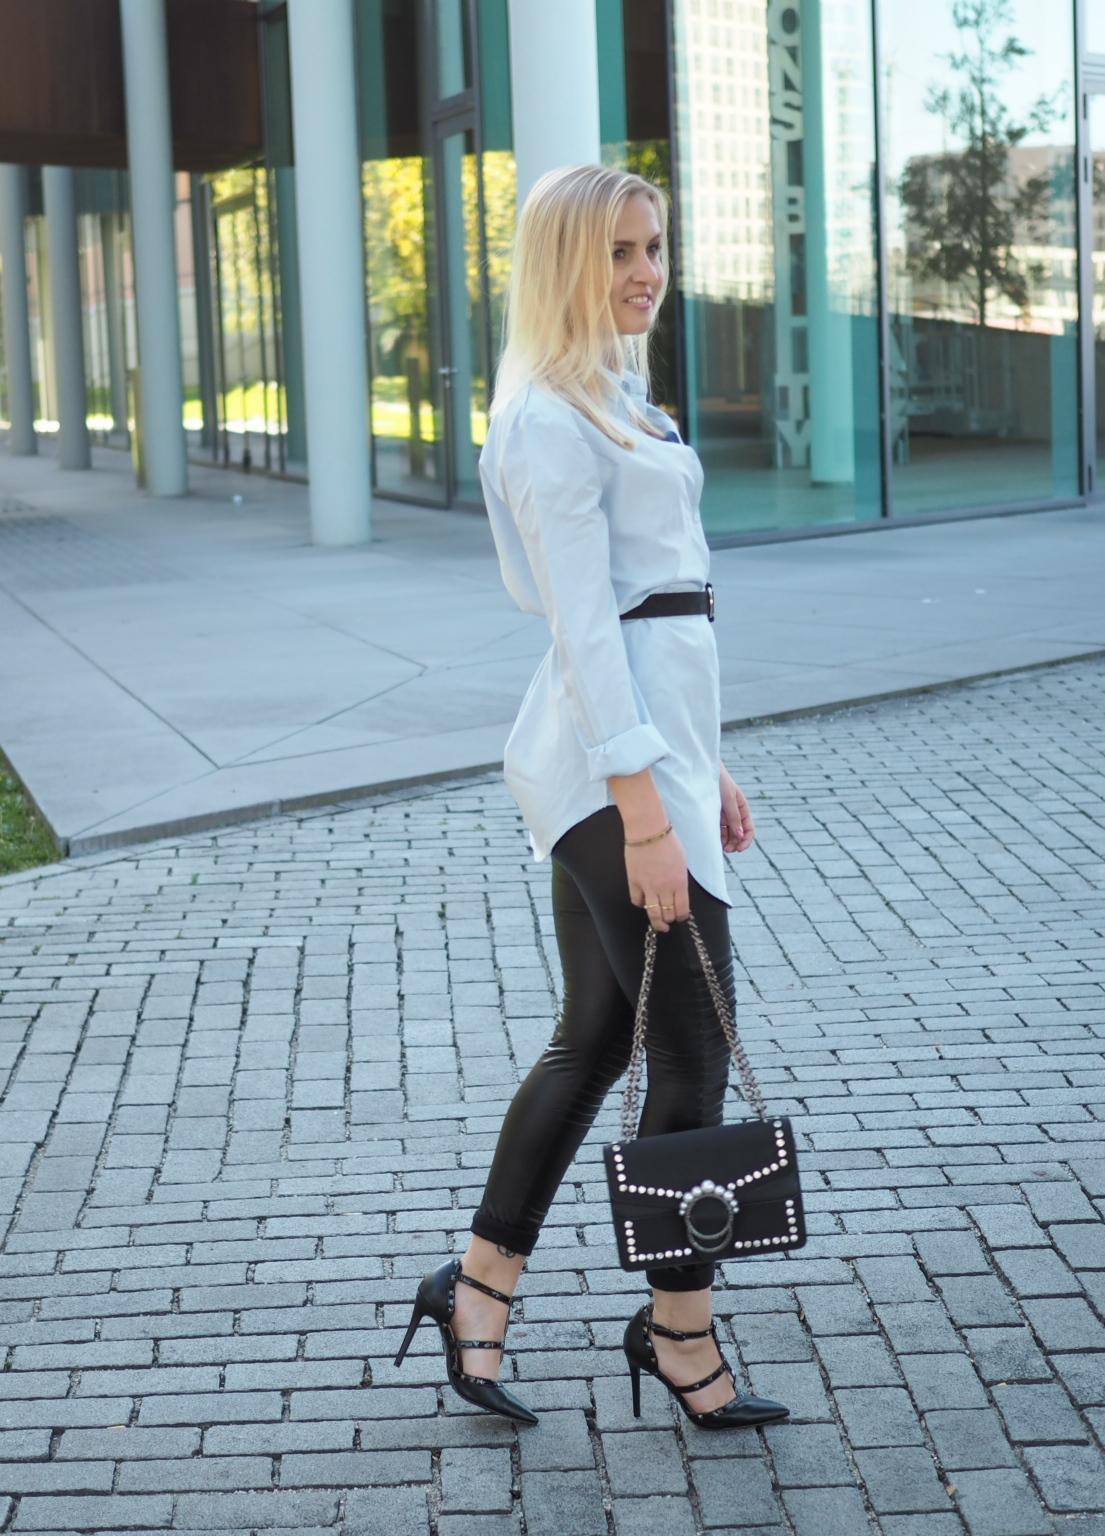 Office Look, Bürolook, Bürooutfit, Katefully, München, Fashionblog, Modeblog, Hemd, Bluse, Lederleggings, Munich, Mode, ootd, High Heels, Handtasche mit Perlen